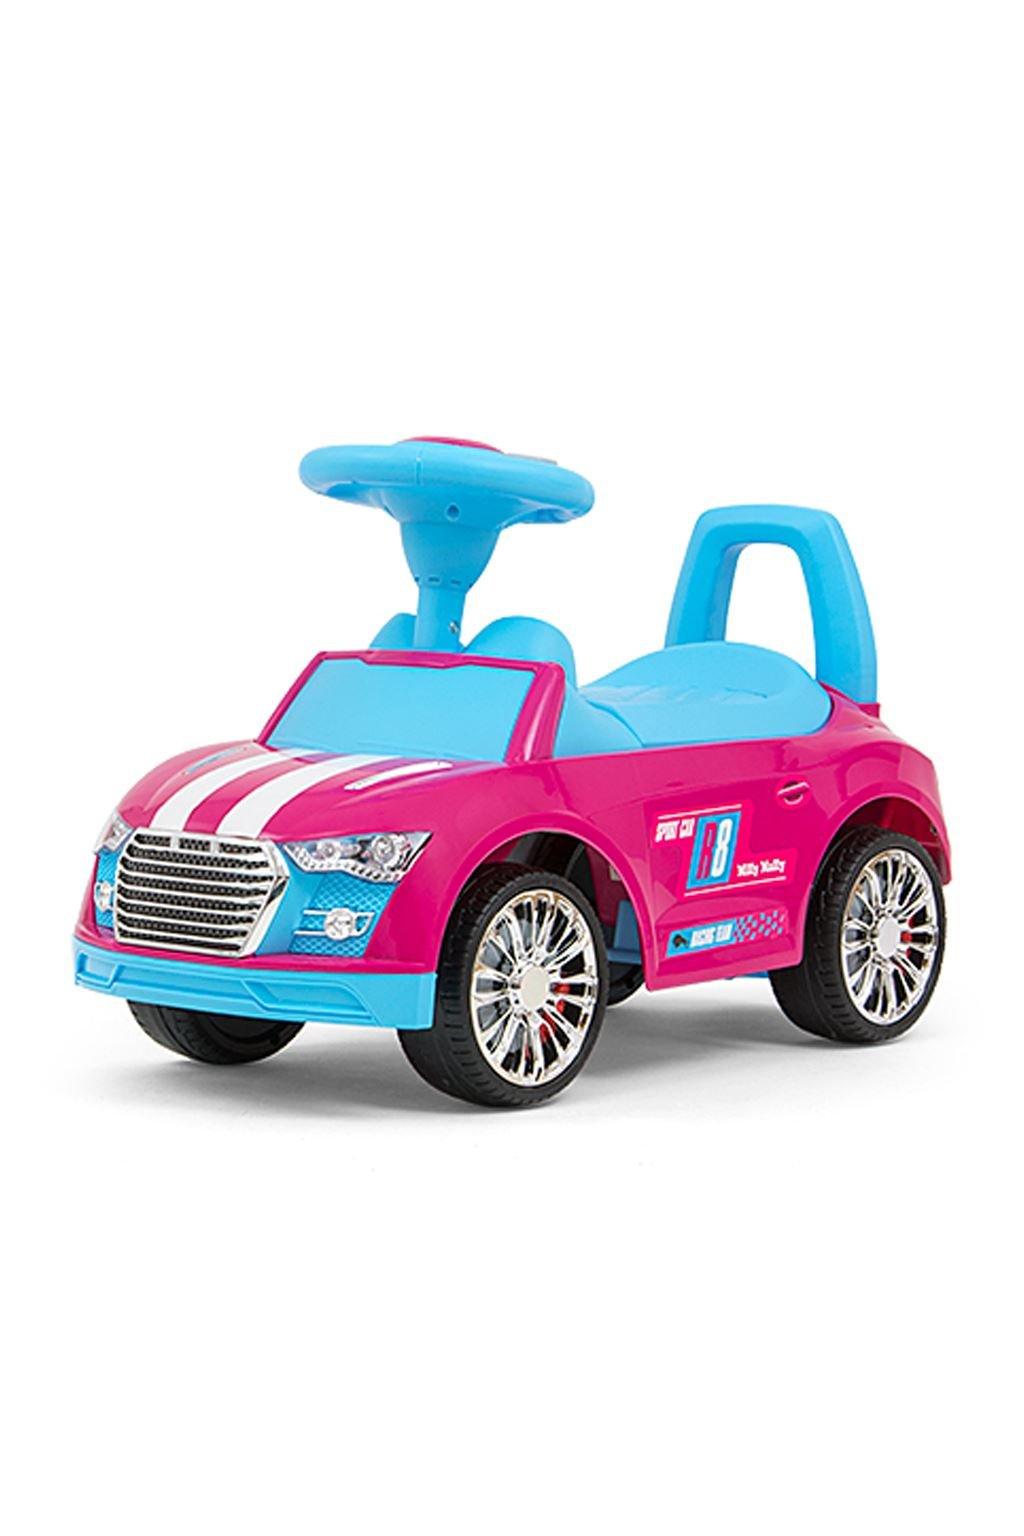 Detské odrážadlo Milly Mally Racer pink-blue POŠKODENÝ OBAL